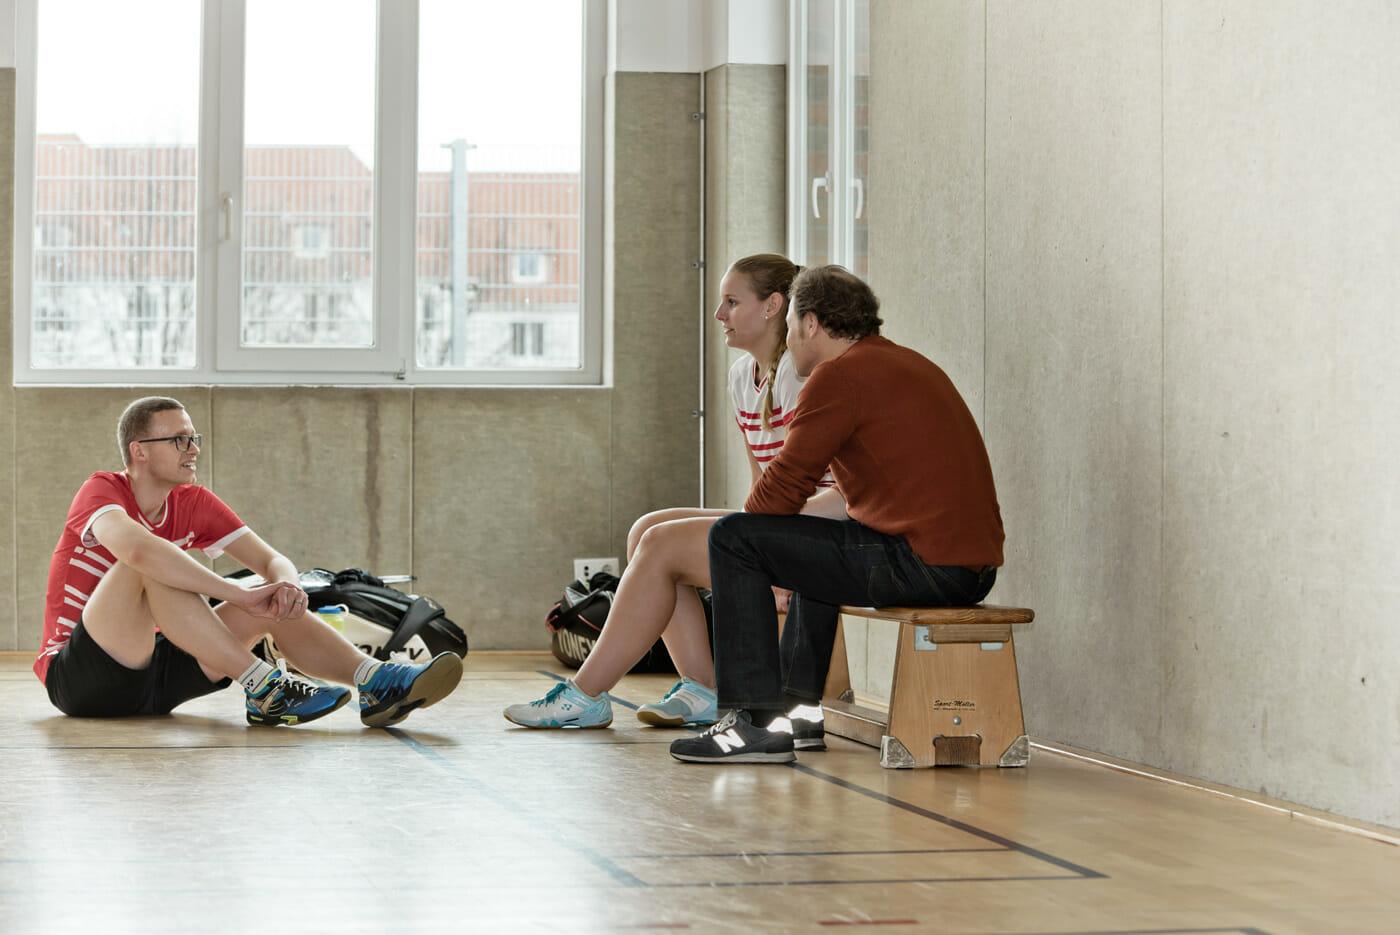 Inken sitzt auf einer Bank in der Turnhalle und unterhält sich